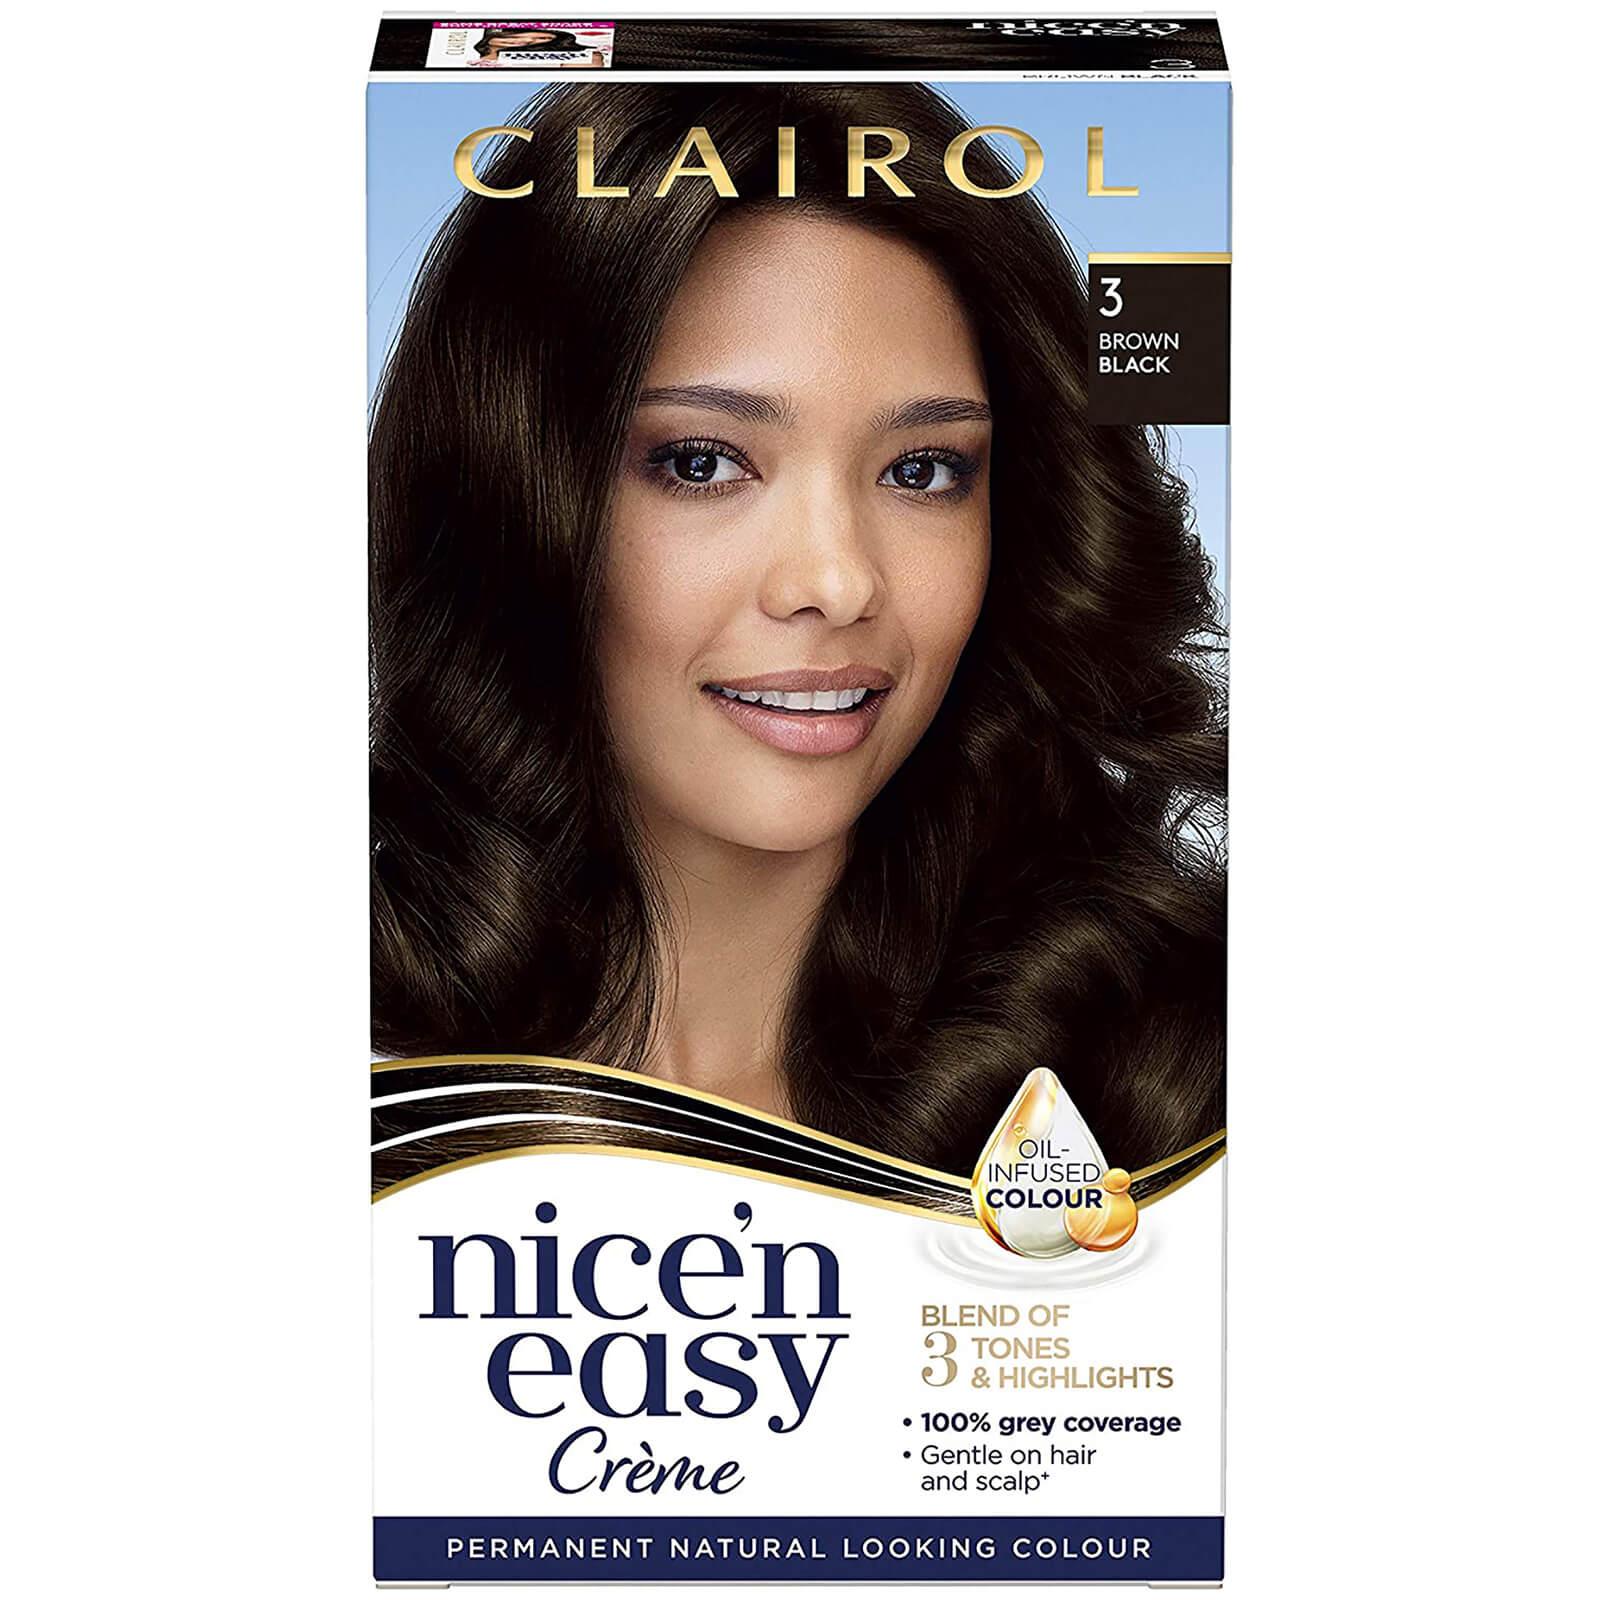 Clairol Nice' n Easy Crème Natural Looking Oil Infused Permanent Hair Dye 177ml (Various Shades) - 3 Brown Black